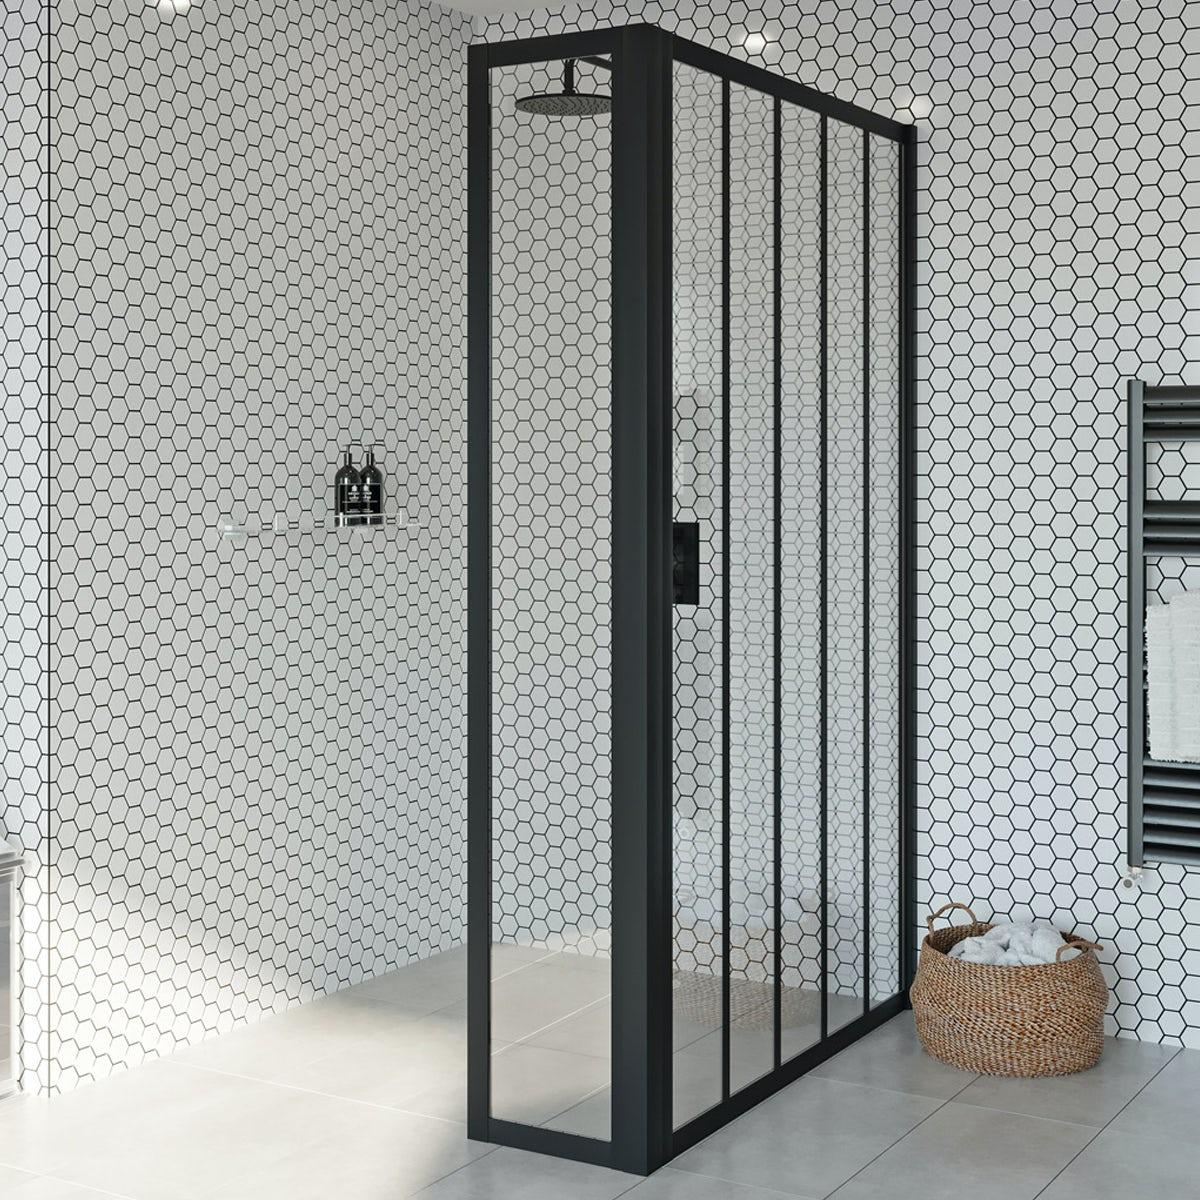 Spring Showers Bring Wet Basements: Jacuzzi Loft Black Framed Deflector Panel 360mm